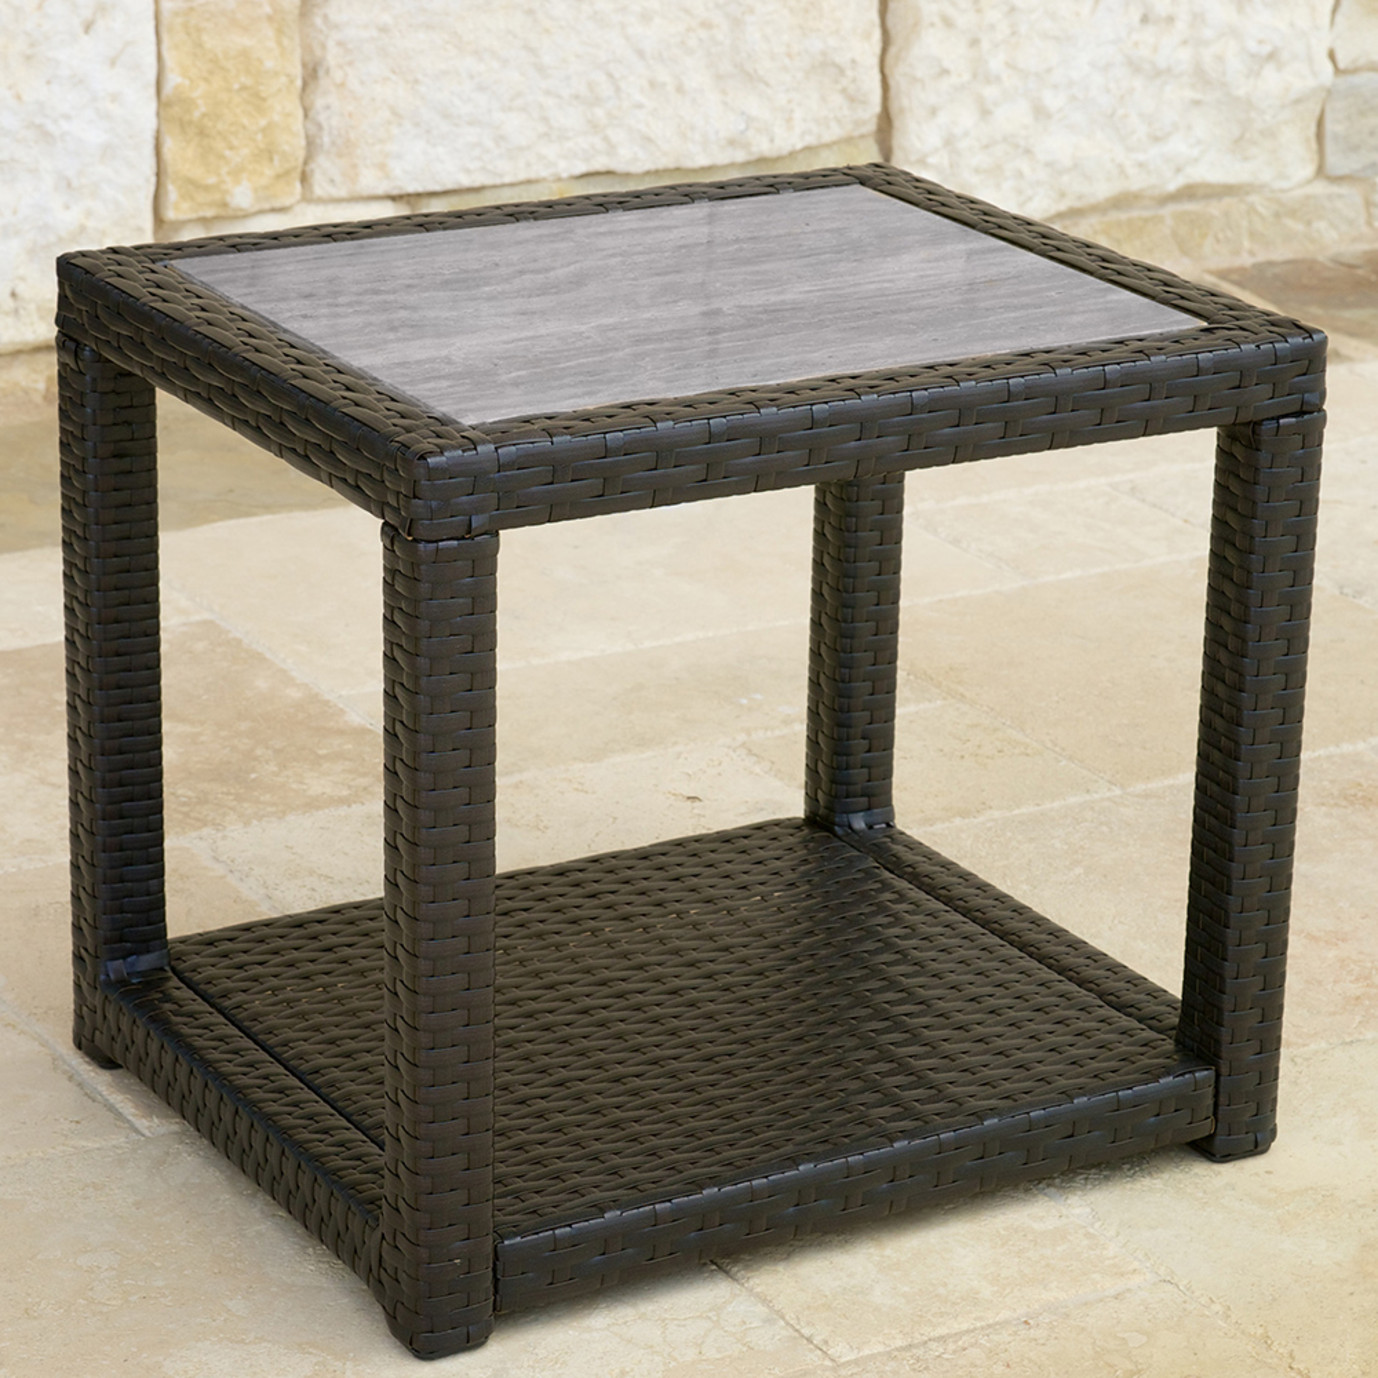 Portofino™ Comfort 22x18 Stone Top Side Table - Espresso Taupe